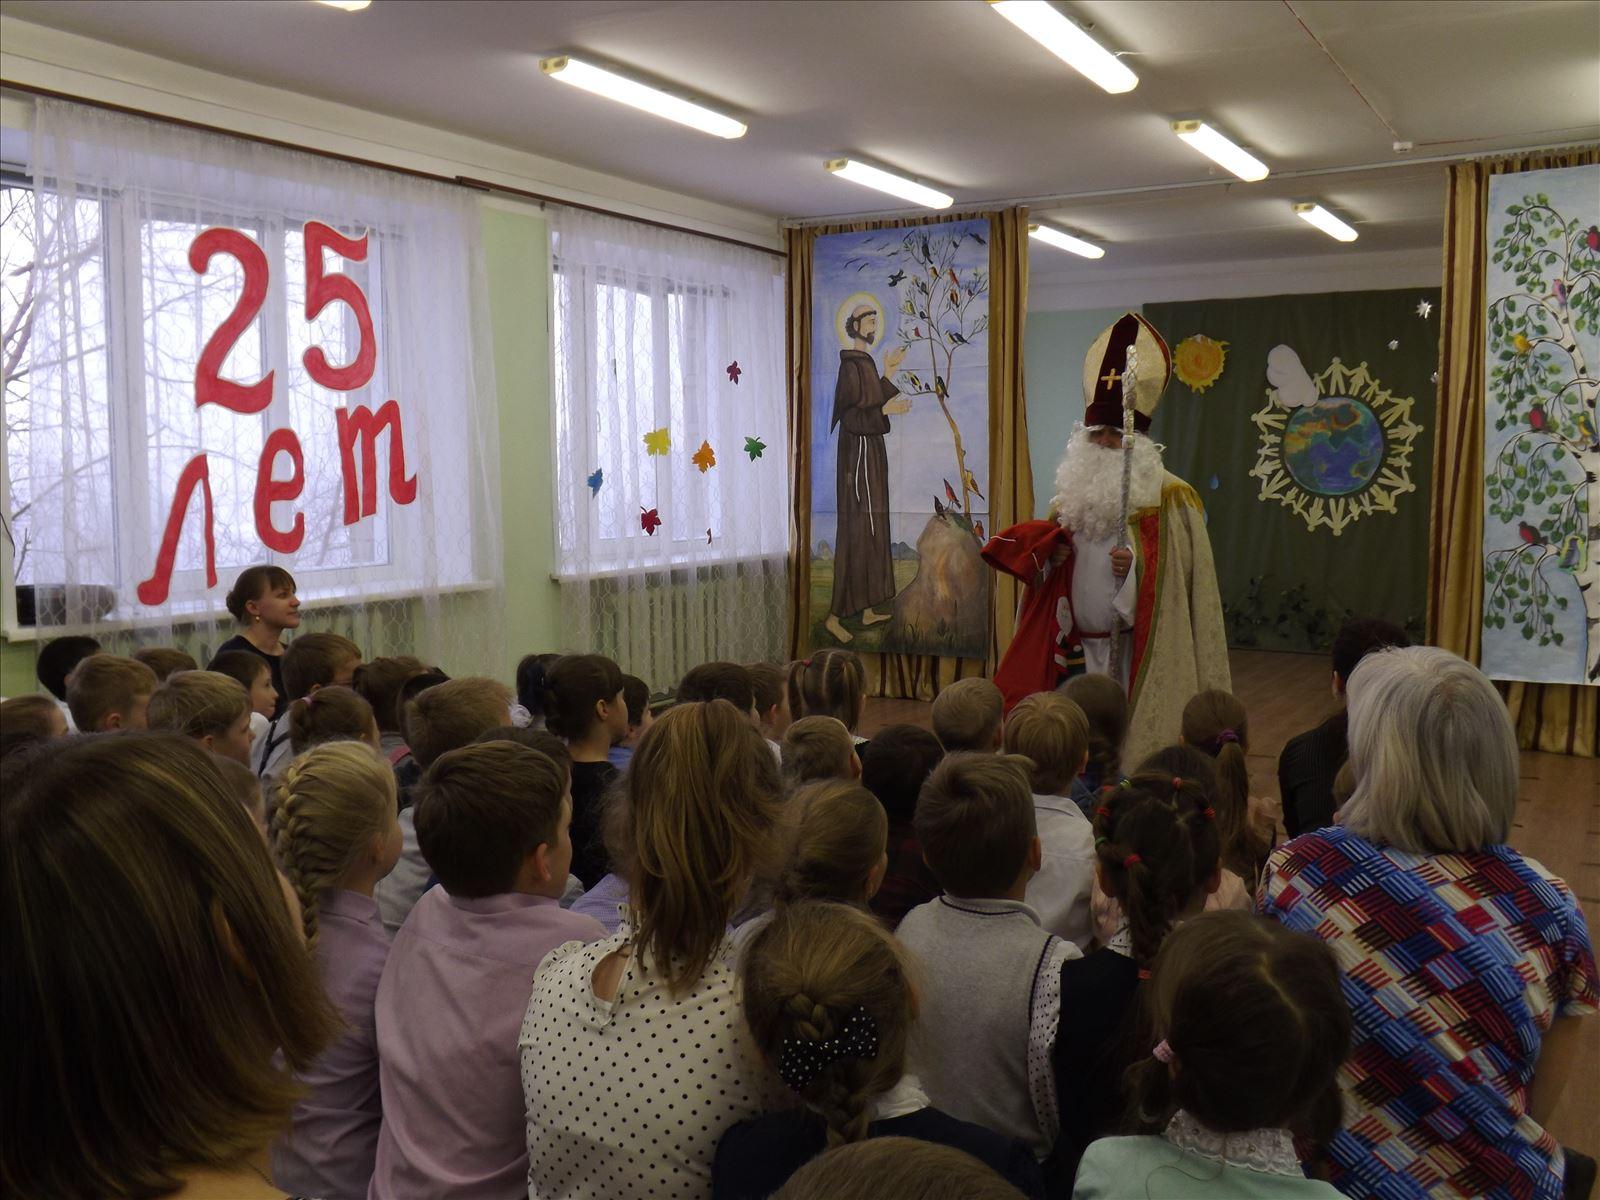 Фоторепортаж о праздновании четвертьвекового юбилея Католической Школы Рождества Христова в Новосибирске в ее собственных стенах